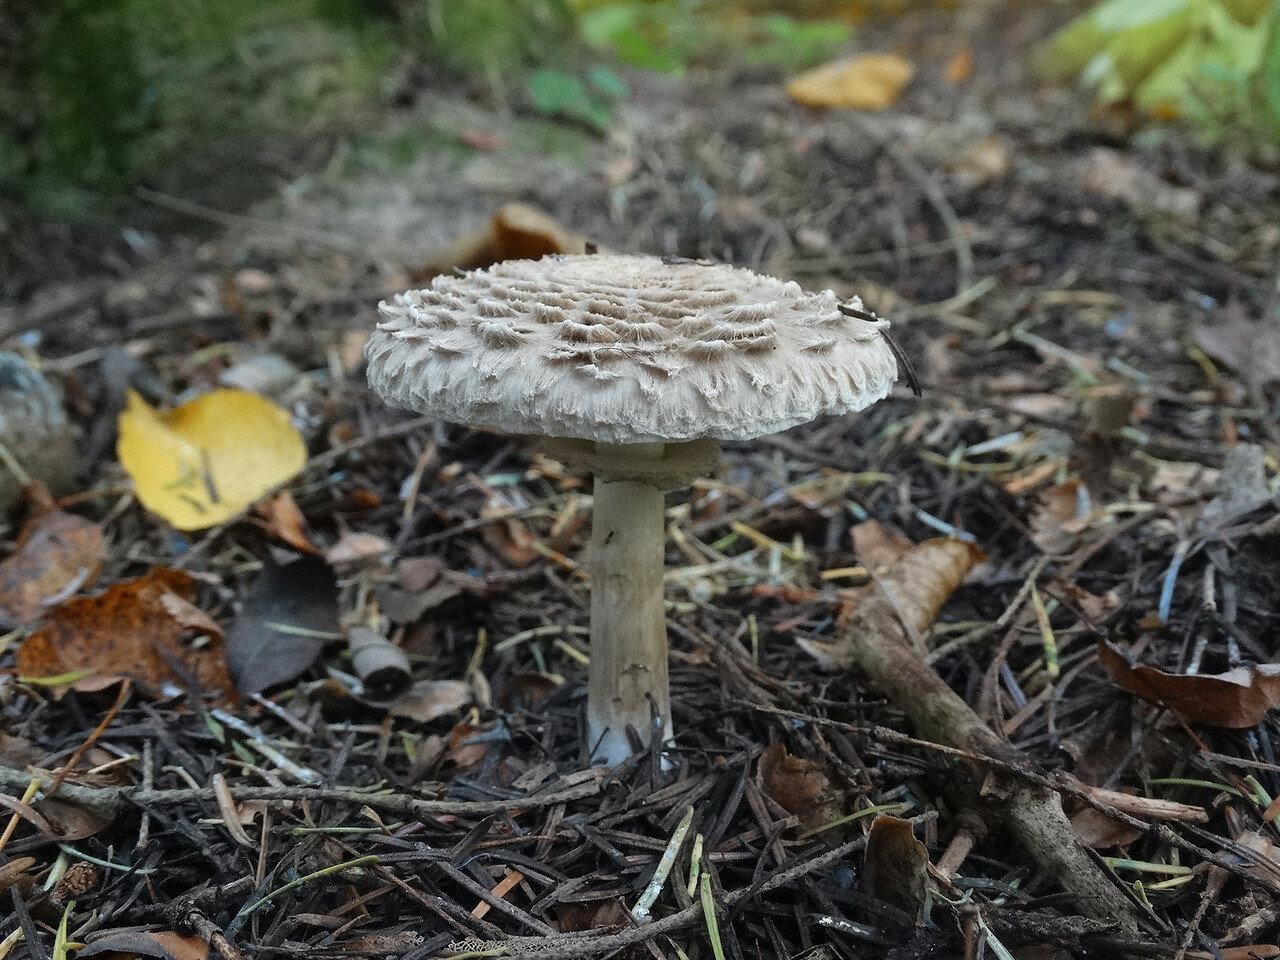 Гриб-зонтик лохматый (Chlorophyllum rachodes). Автор фото: Привалова Марина